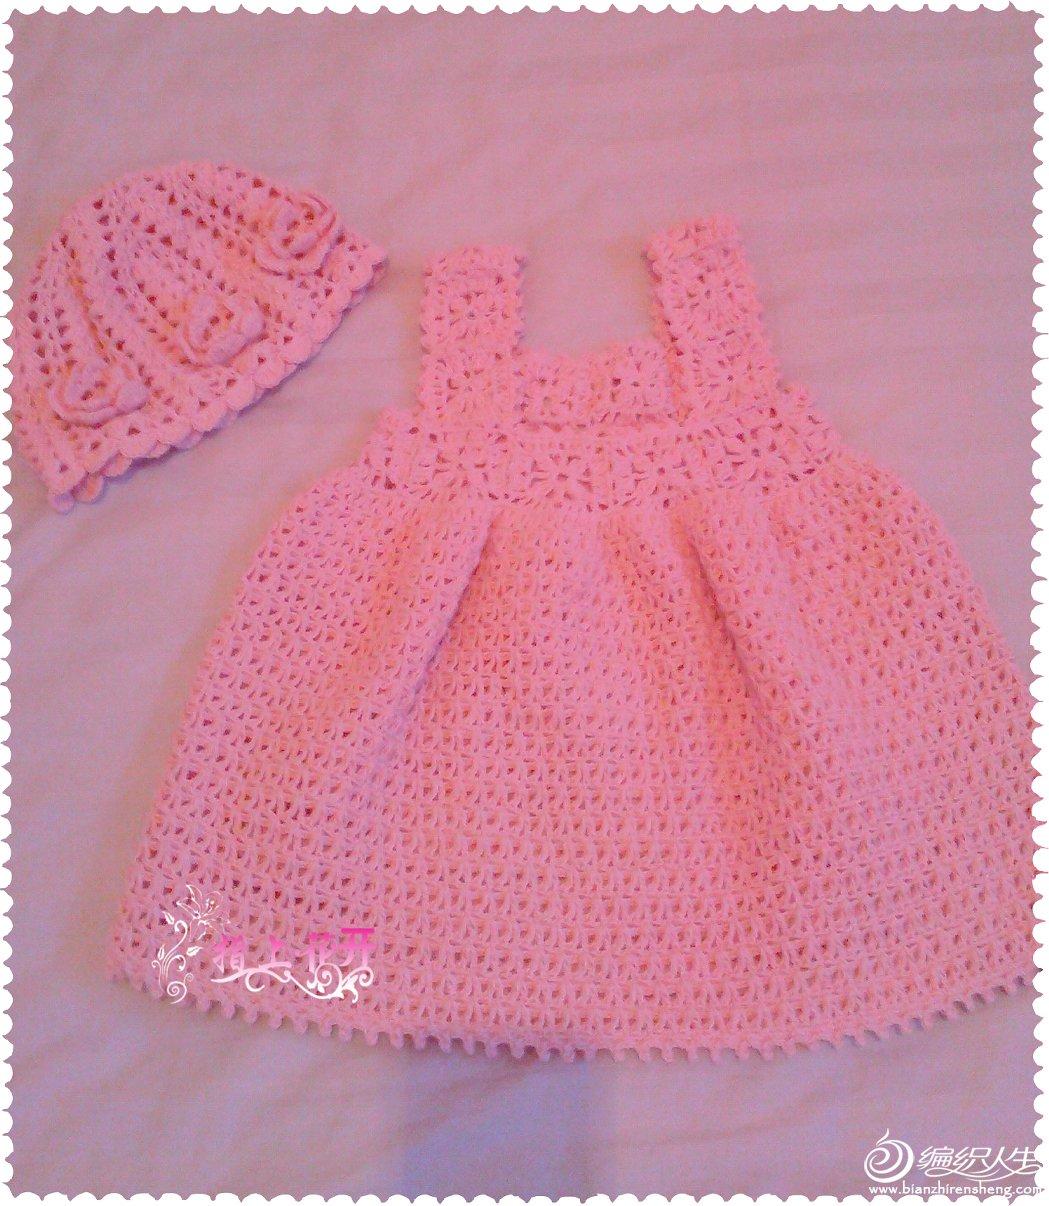 粉红裙子b.jpg